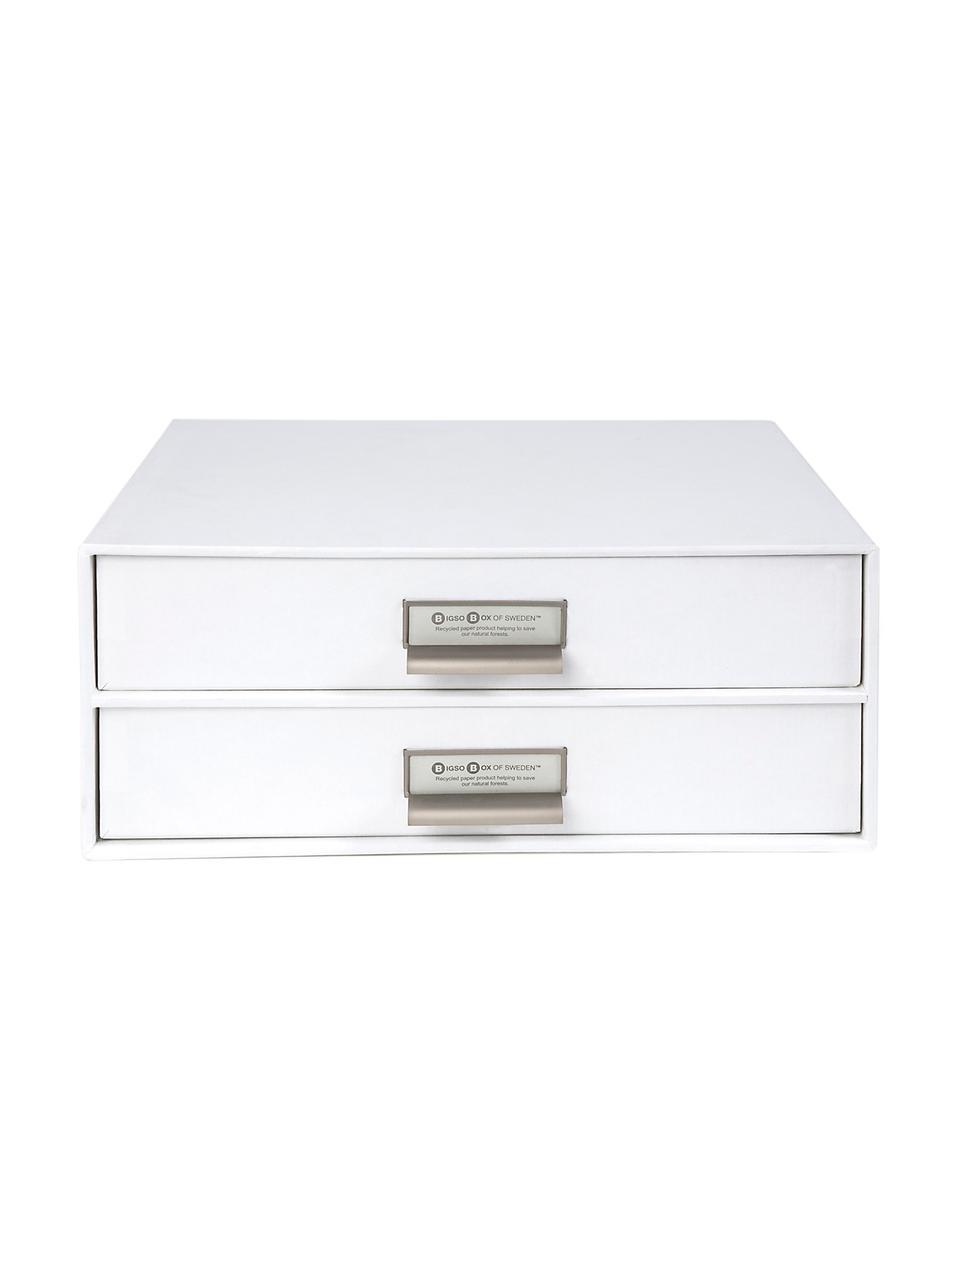 Bureau organizer Birger, Organizer: massief, gelamineerd kart, Buitenzijde: wit. Binnenzijde: wit, 33 x 15 cm